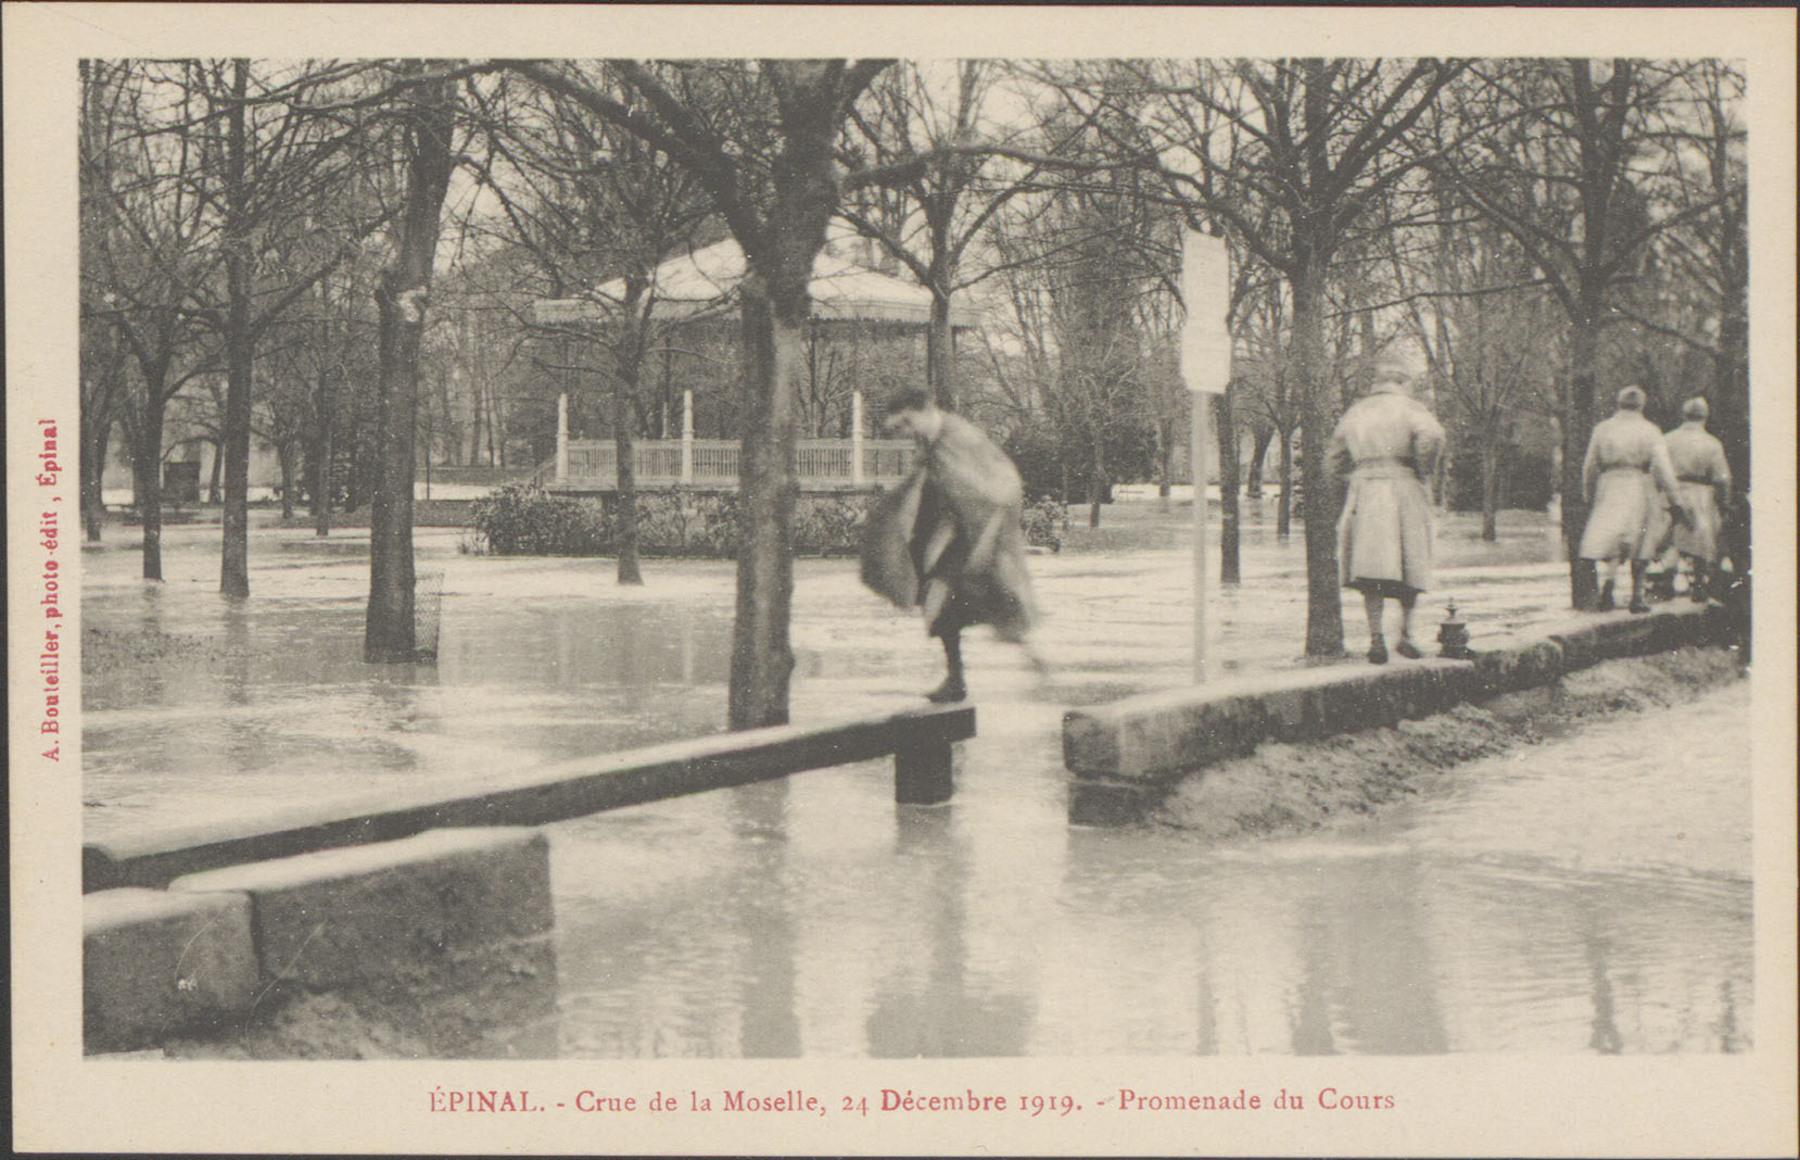 Contenu du Épinal, Crue de la Moselle, 24 décembre 1919, Promenade du Cours